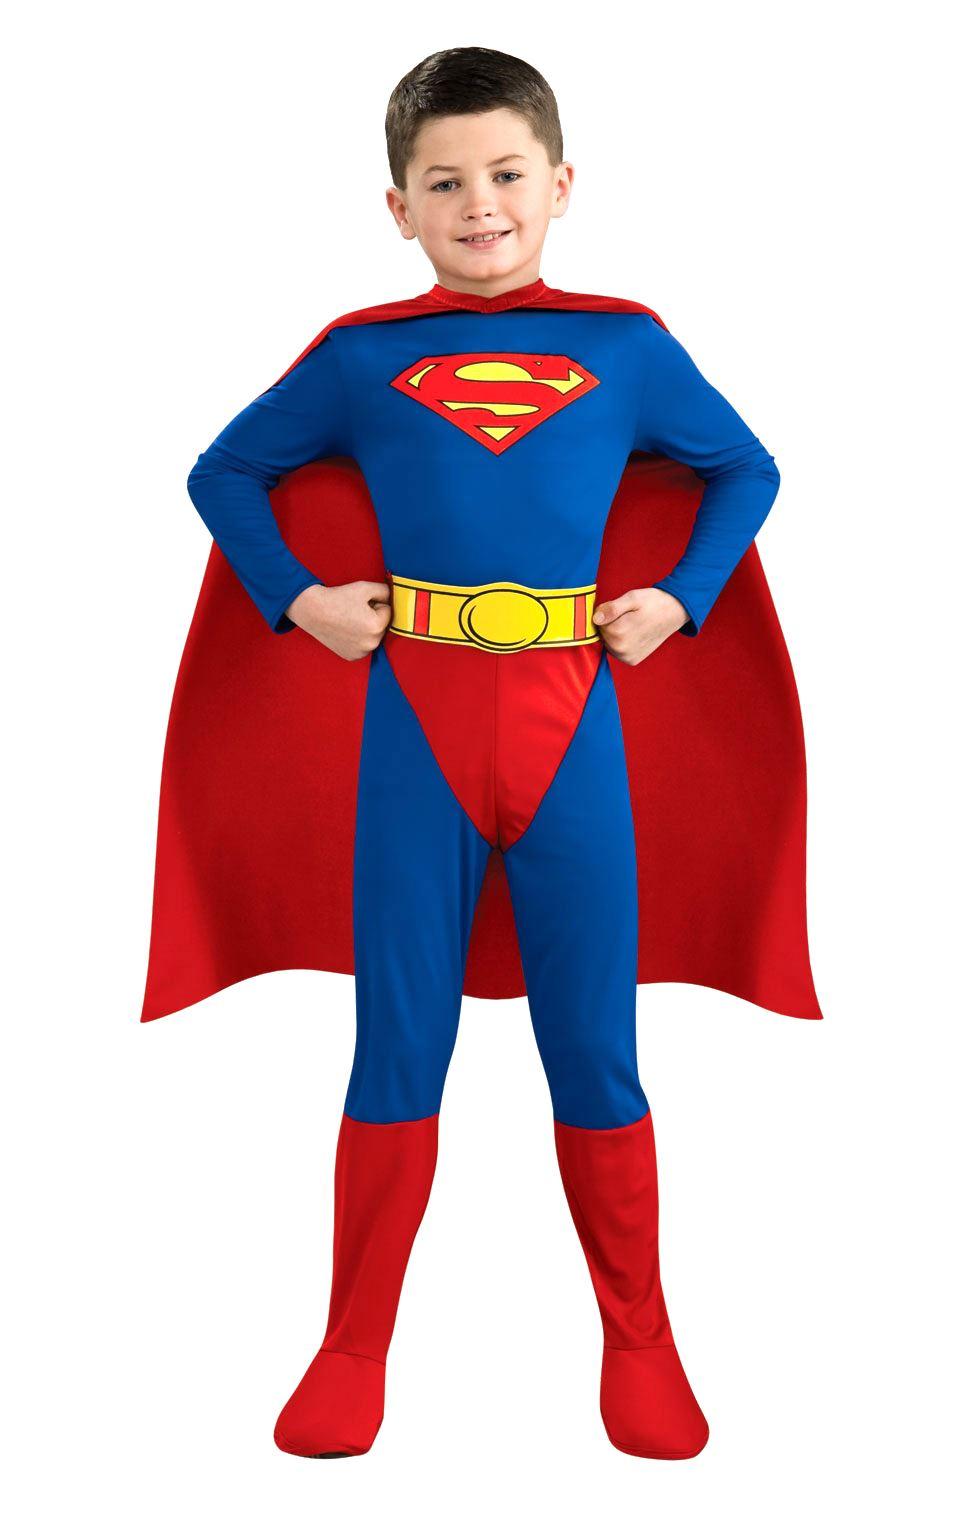 Ninos-Clasico-Superman-Disfraz-Con-Licencia-Nino-Superheroe-Disfraz